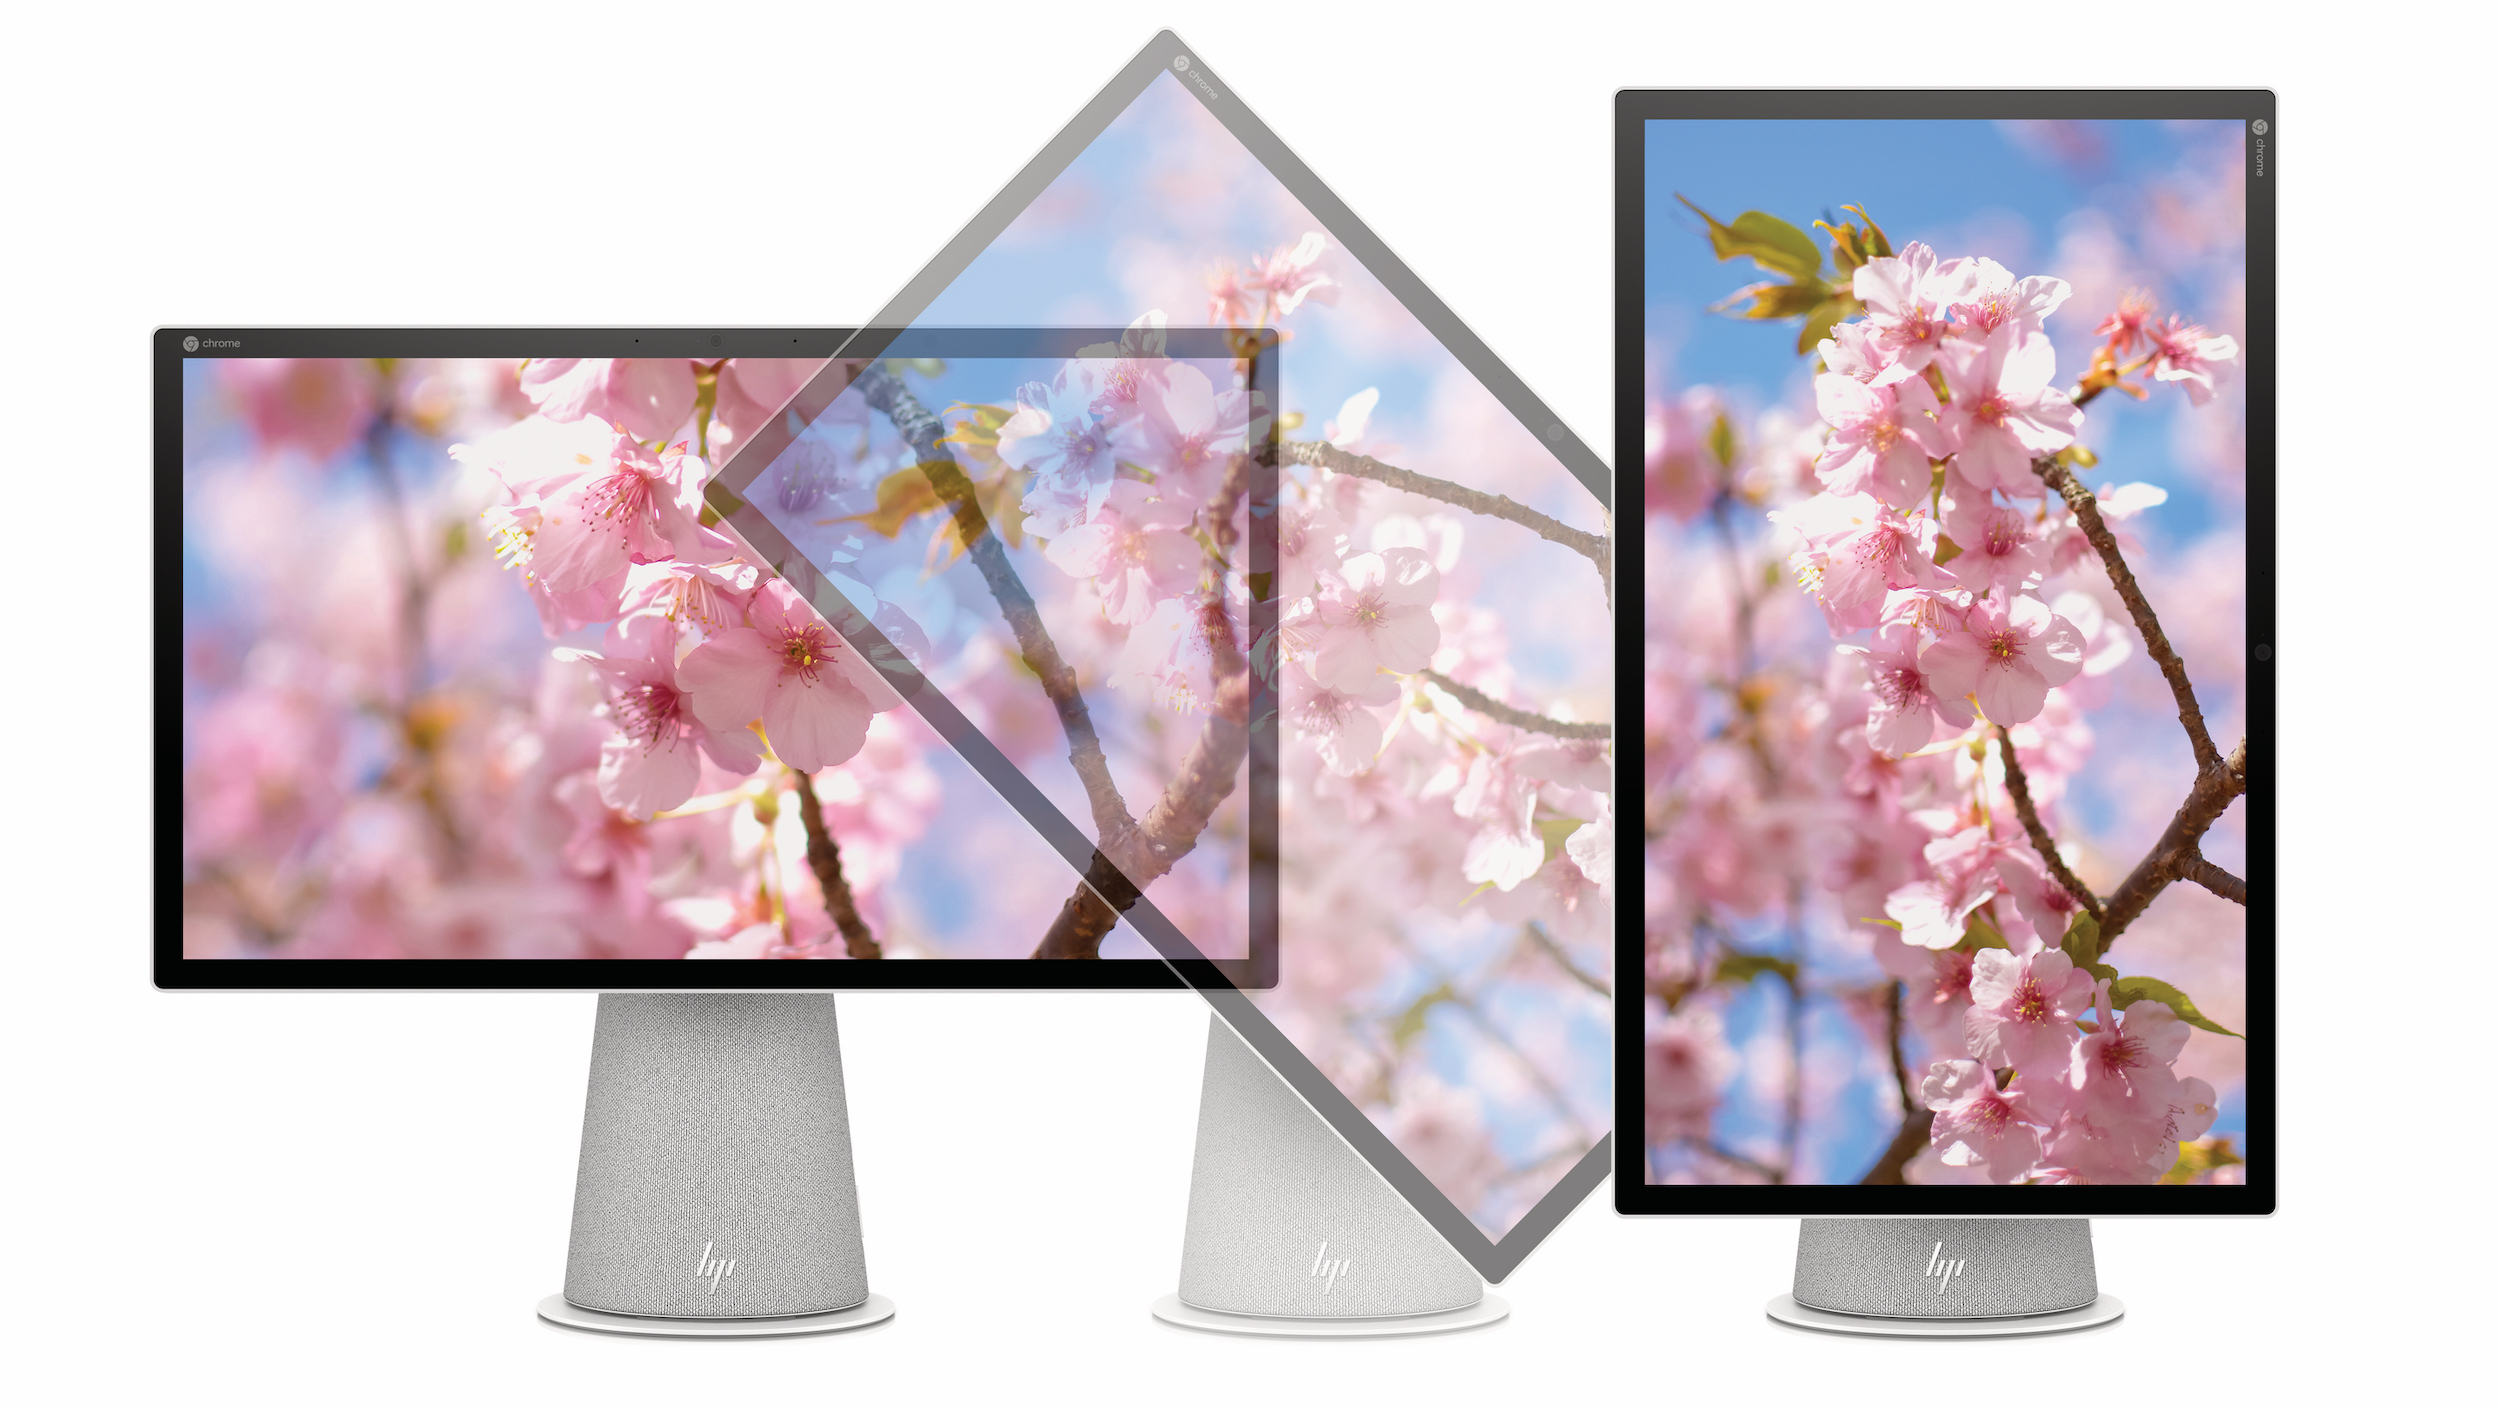 HP Chromebase AiO